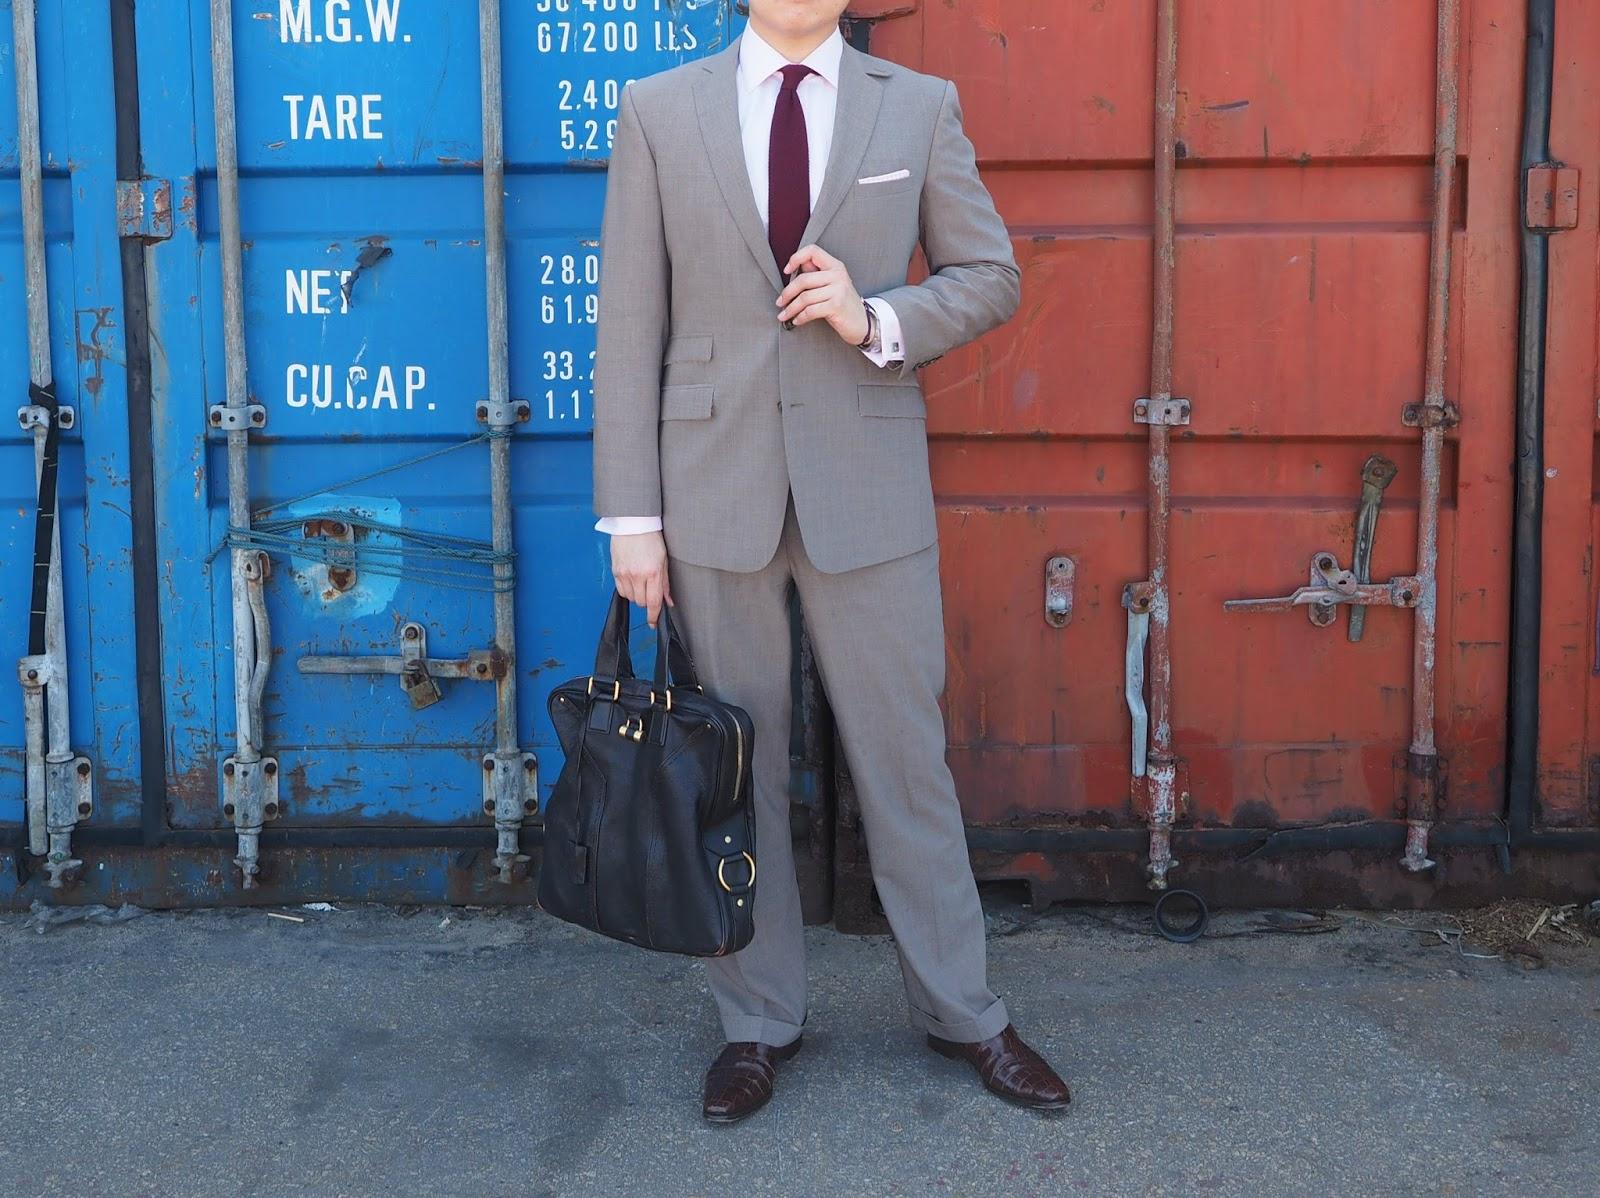 Watsons Winter Wednesday Brown Suit tie shirt professional work clothes men gentlemen bag suitcase shoes